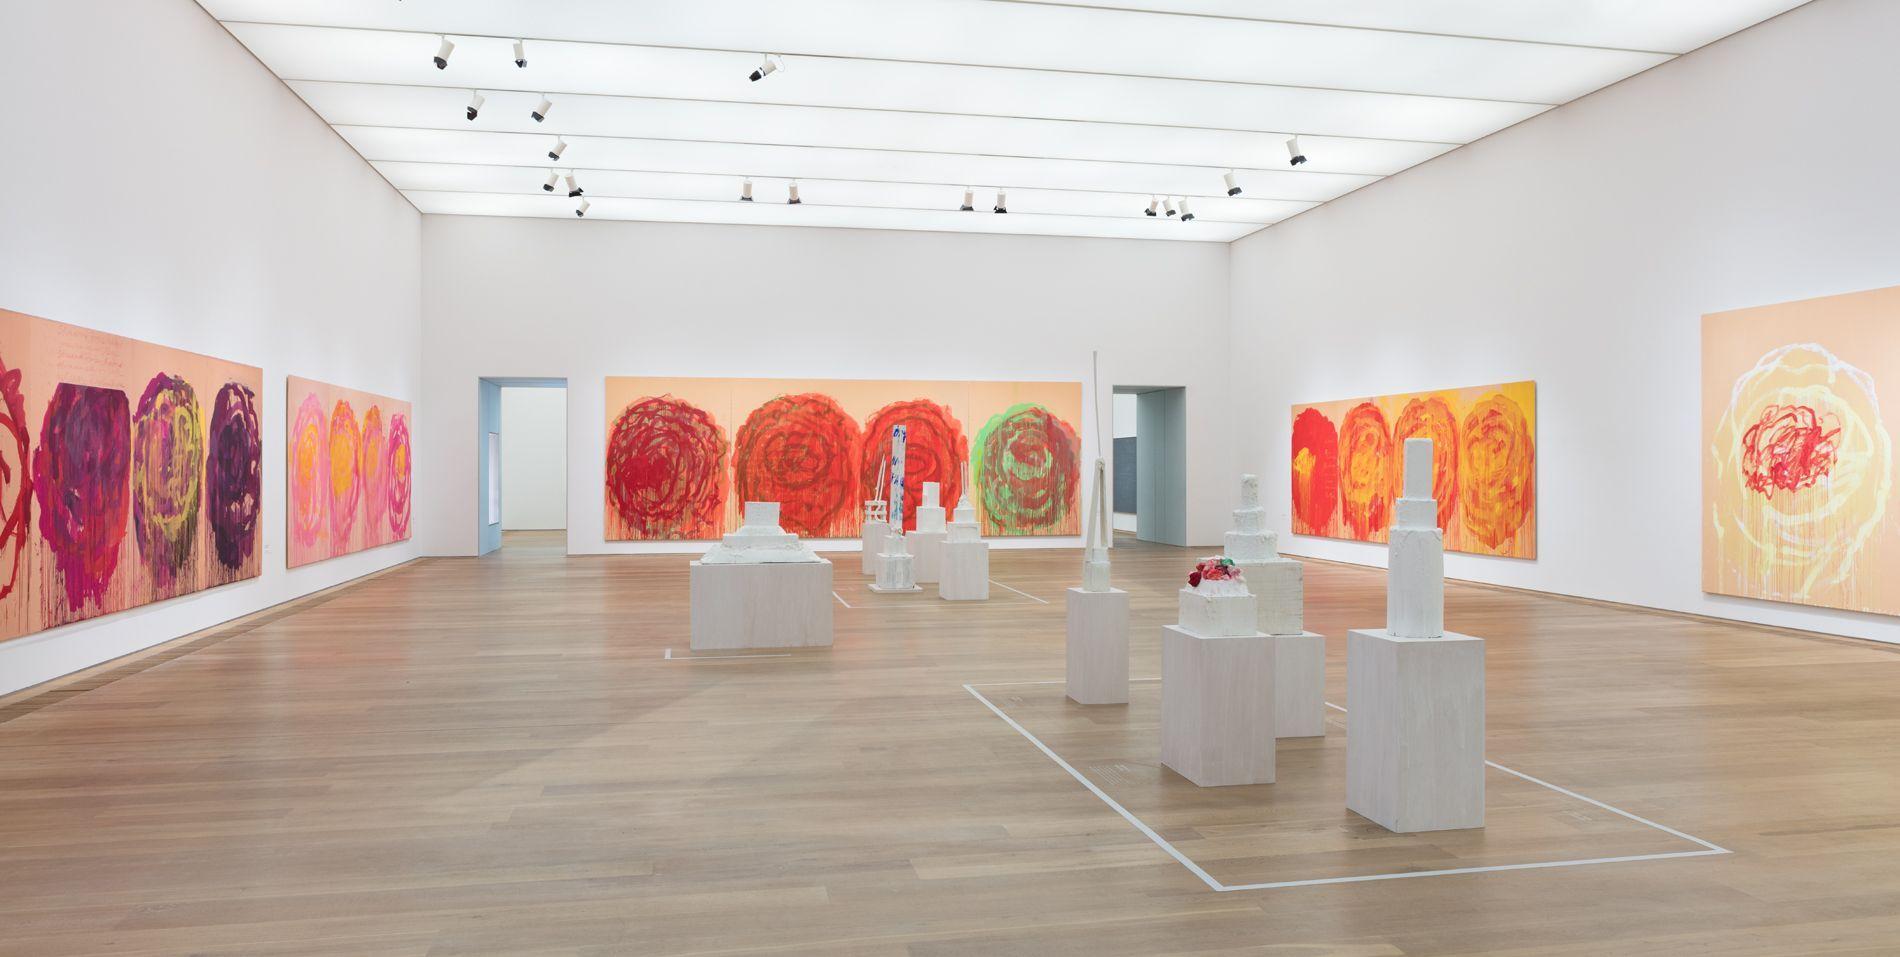 Raumansicht des Rosensaals von Cy Twombly im Museum Brandhorst (Foto: Stephan Wyckhoff)